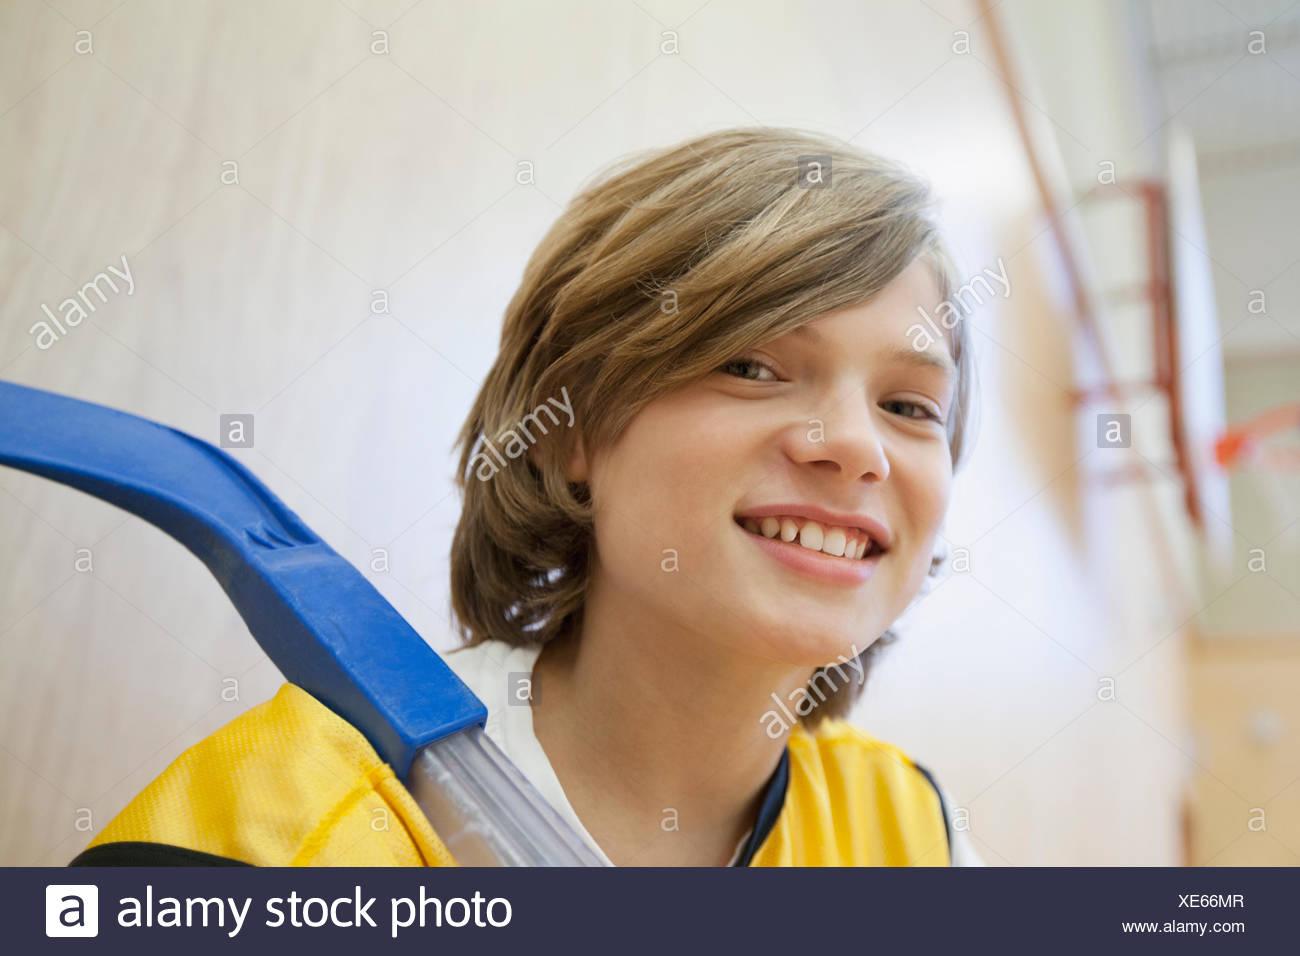 Retrato de macho, jugador de hockey sobre piso. Imagen De Stock